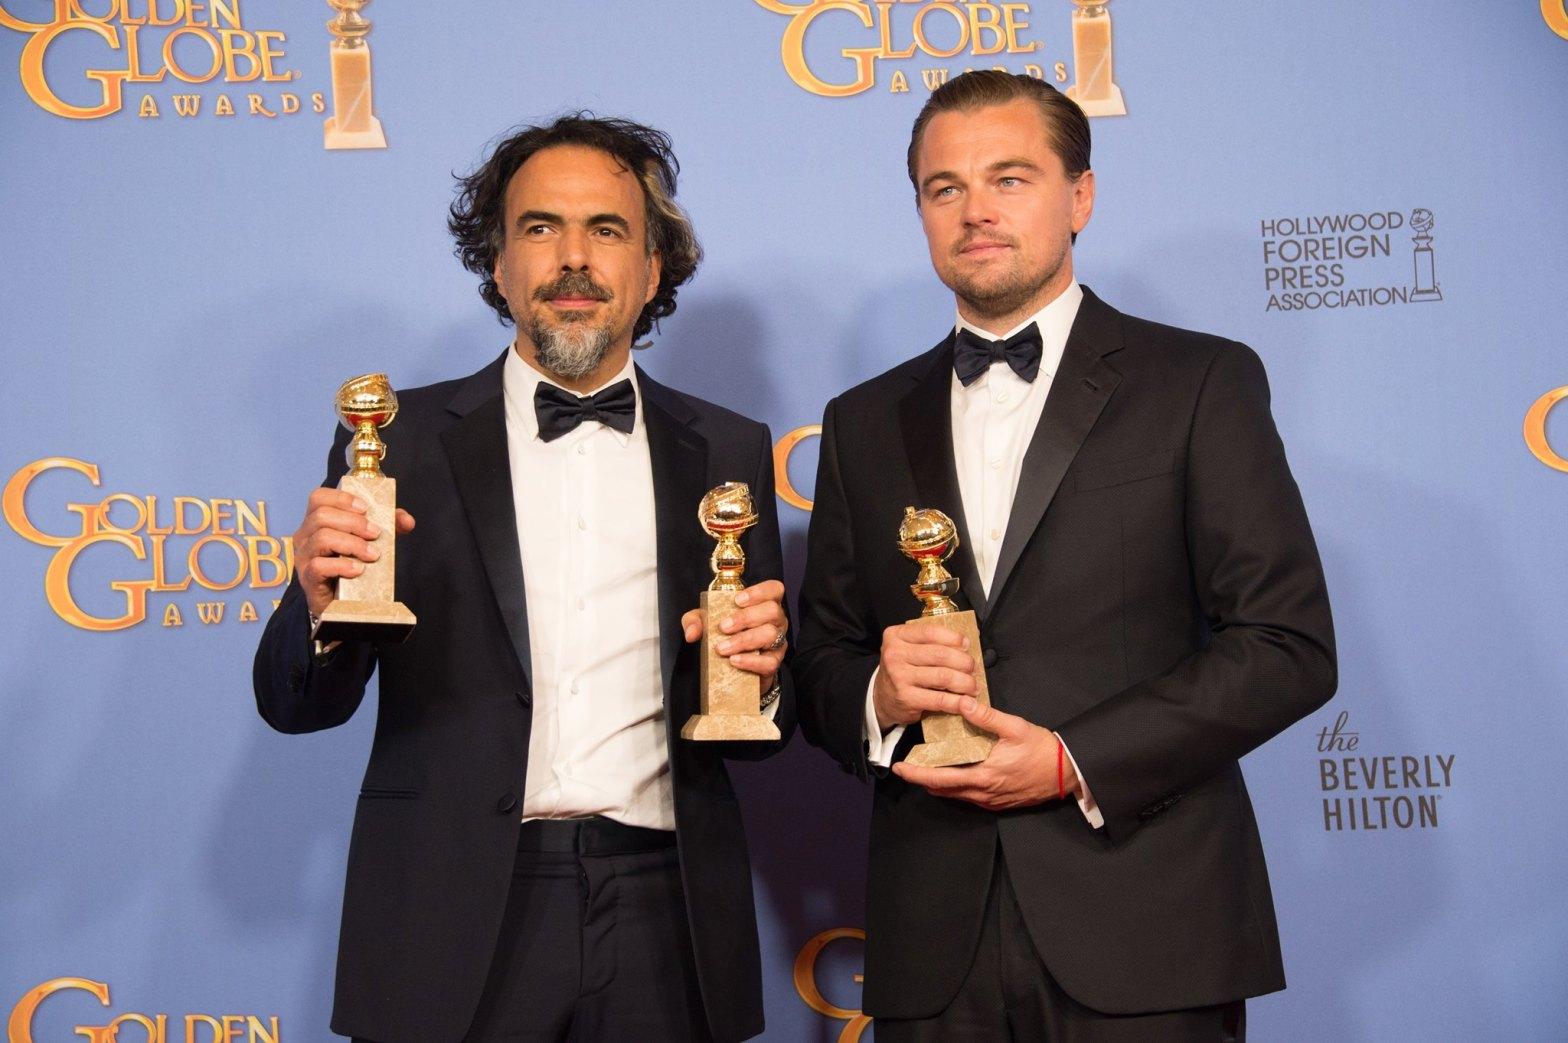 Golden Globes 2016 Inarritu Leonardo DiCaprio